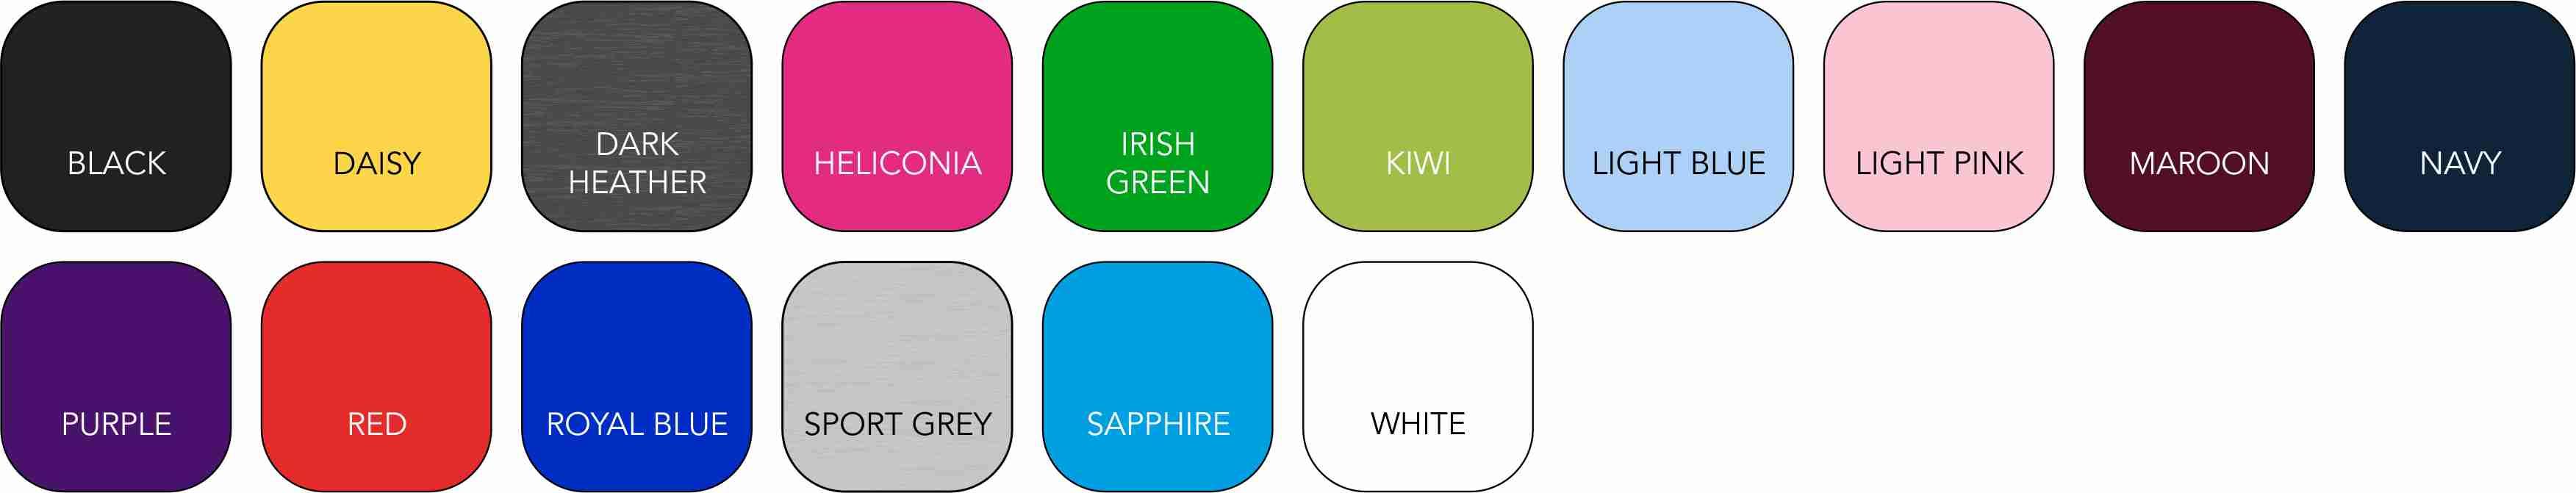 GD042 Ladies' Colour Range